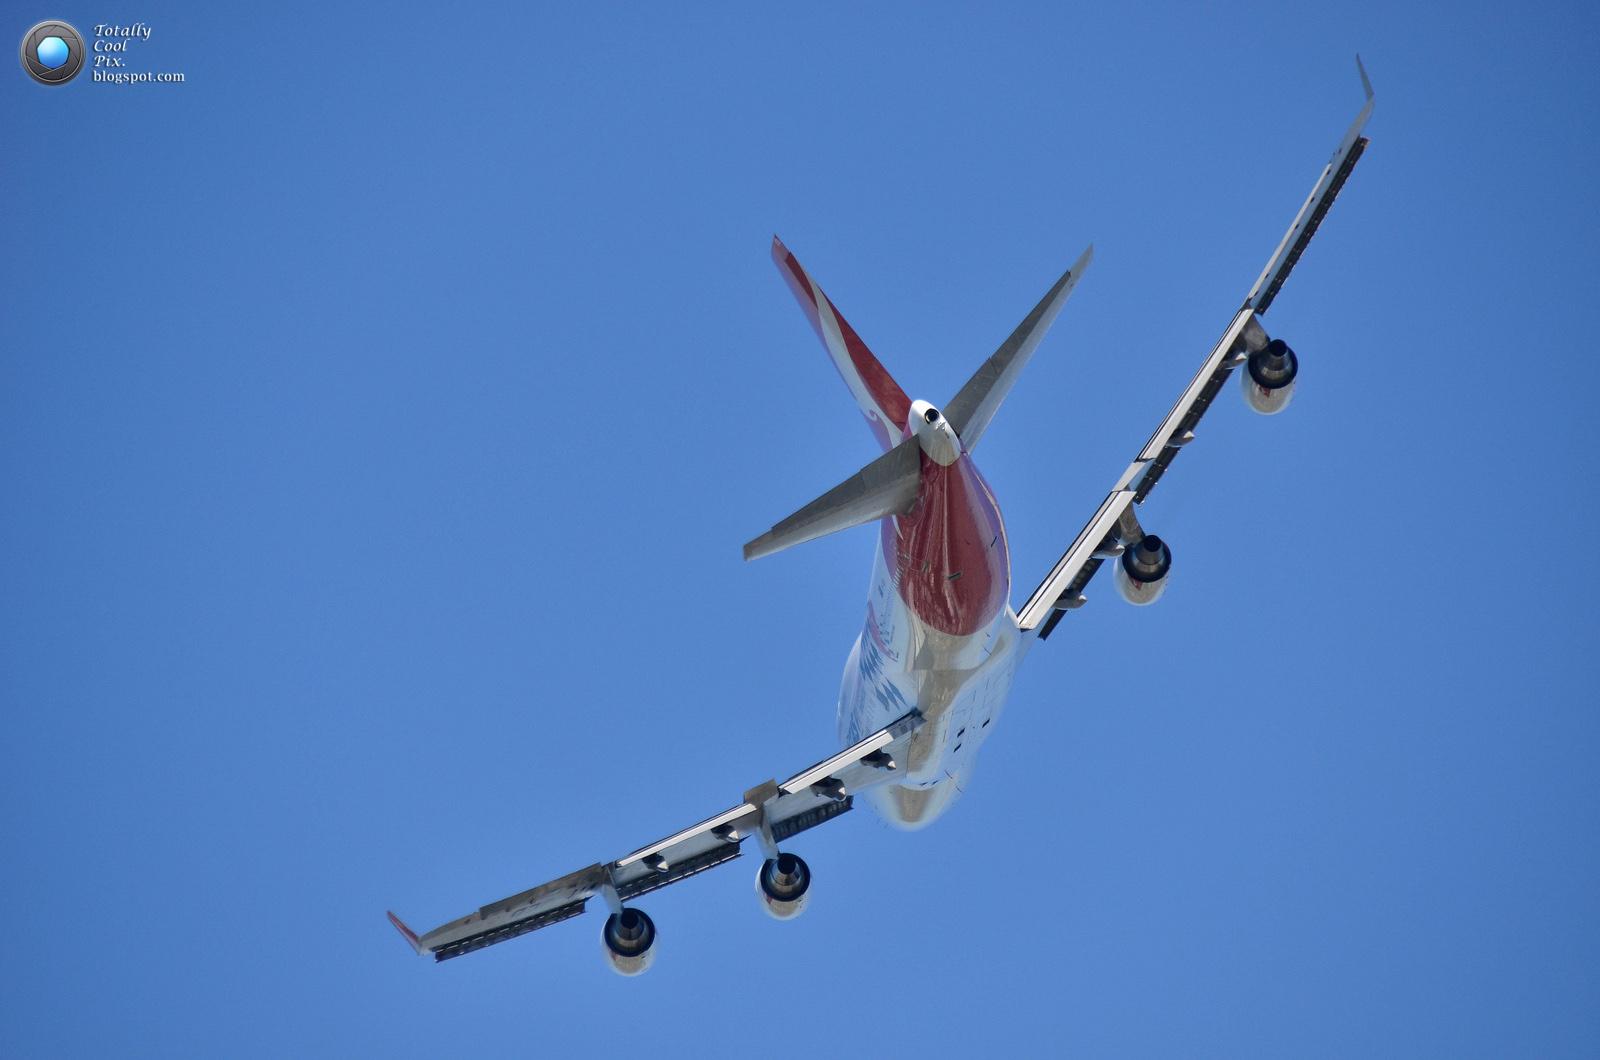 http://2.bp.blogspot.com/-2KCN3lgjxcs/T9xWKbbJG-I/AAAAAAAABU4/ti5vzjQqxxc/s1600/23-Australia-2012-F1-Grand-Prix-Airshow-Wallpaper-Keith-McInnes-Photography-QANTAS-747-tight-turn.jpg